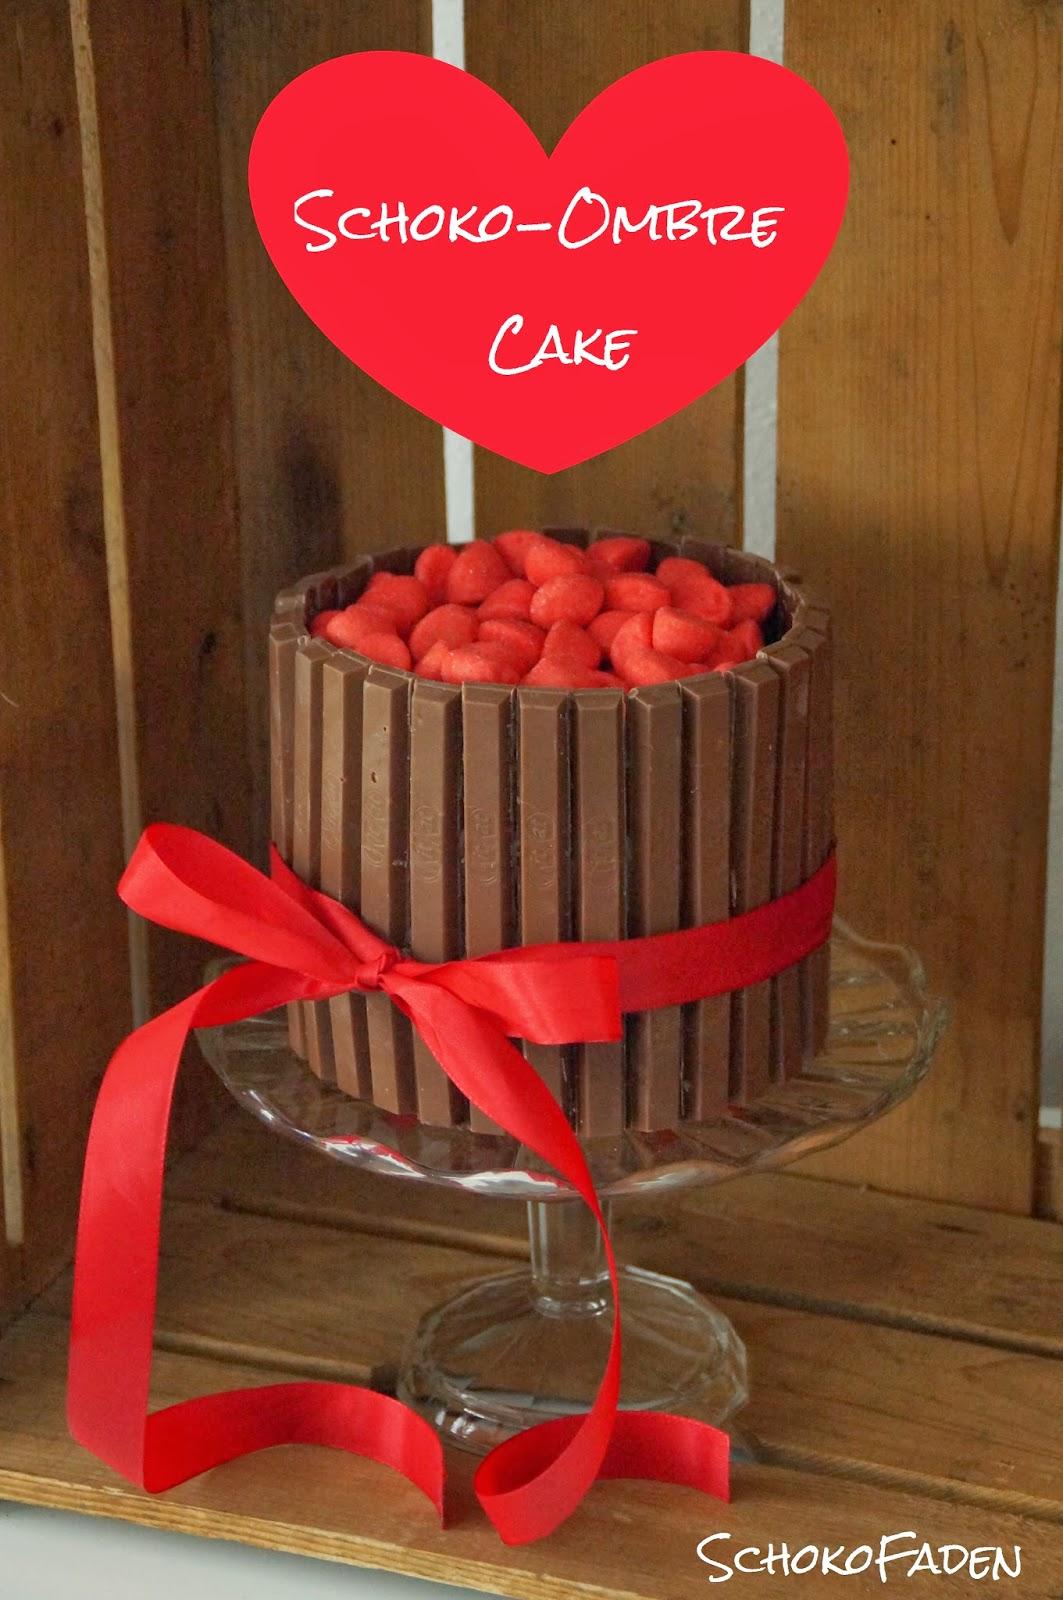 Schokofaden Schoko Ombre Cake Zum Valentinstag